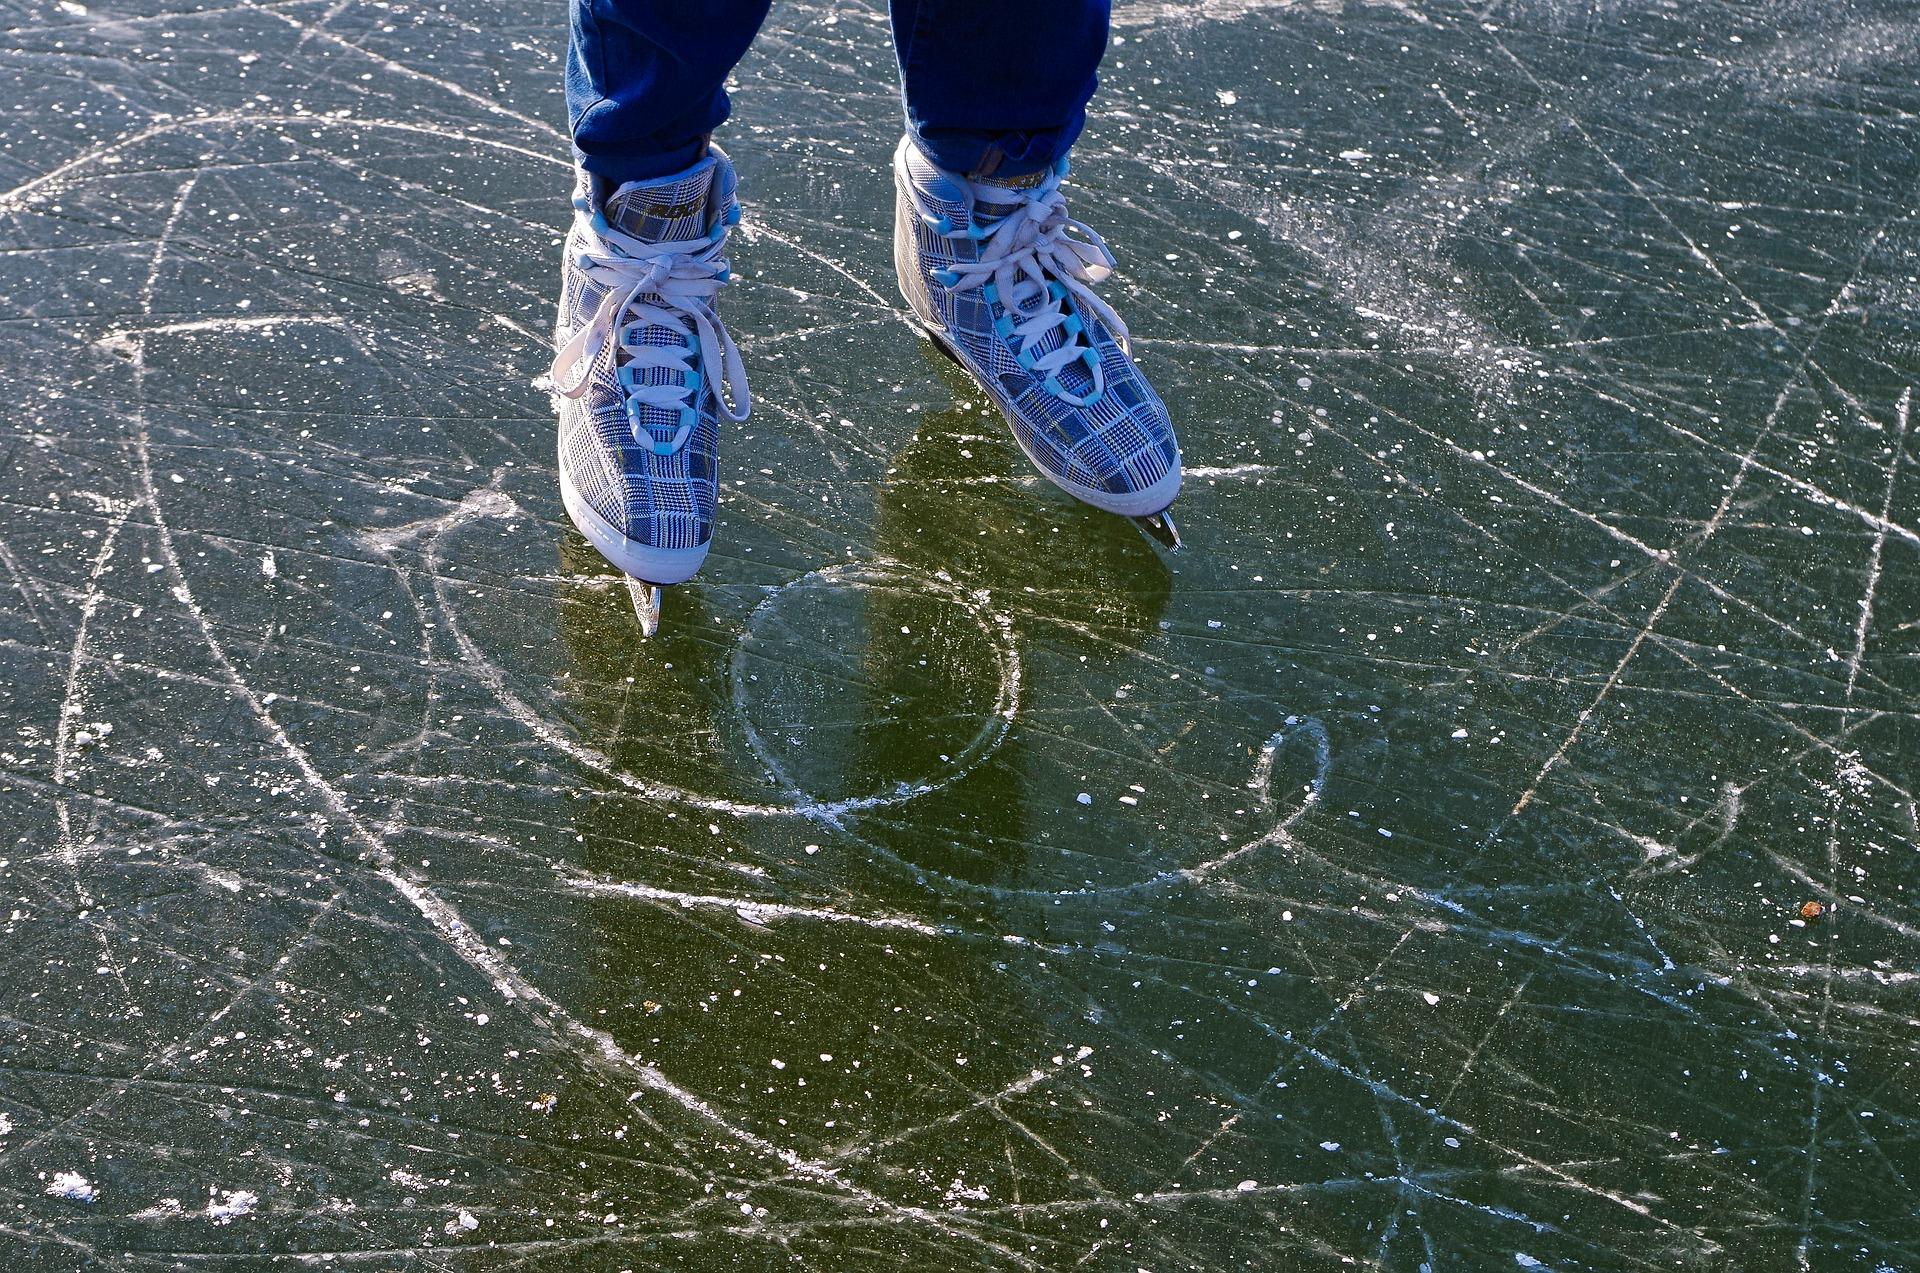 skating-3817358_1920